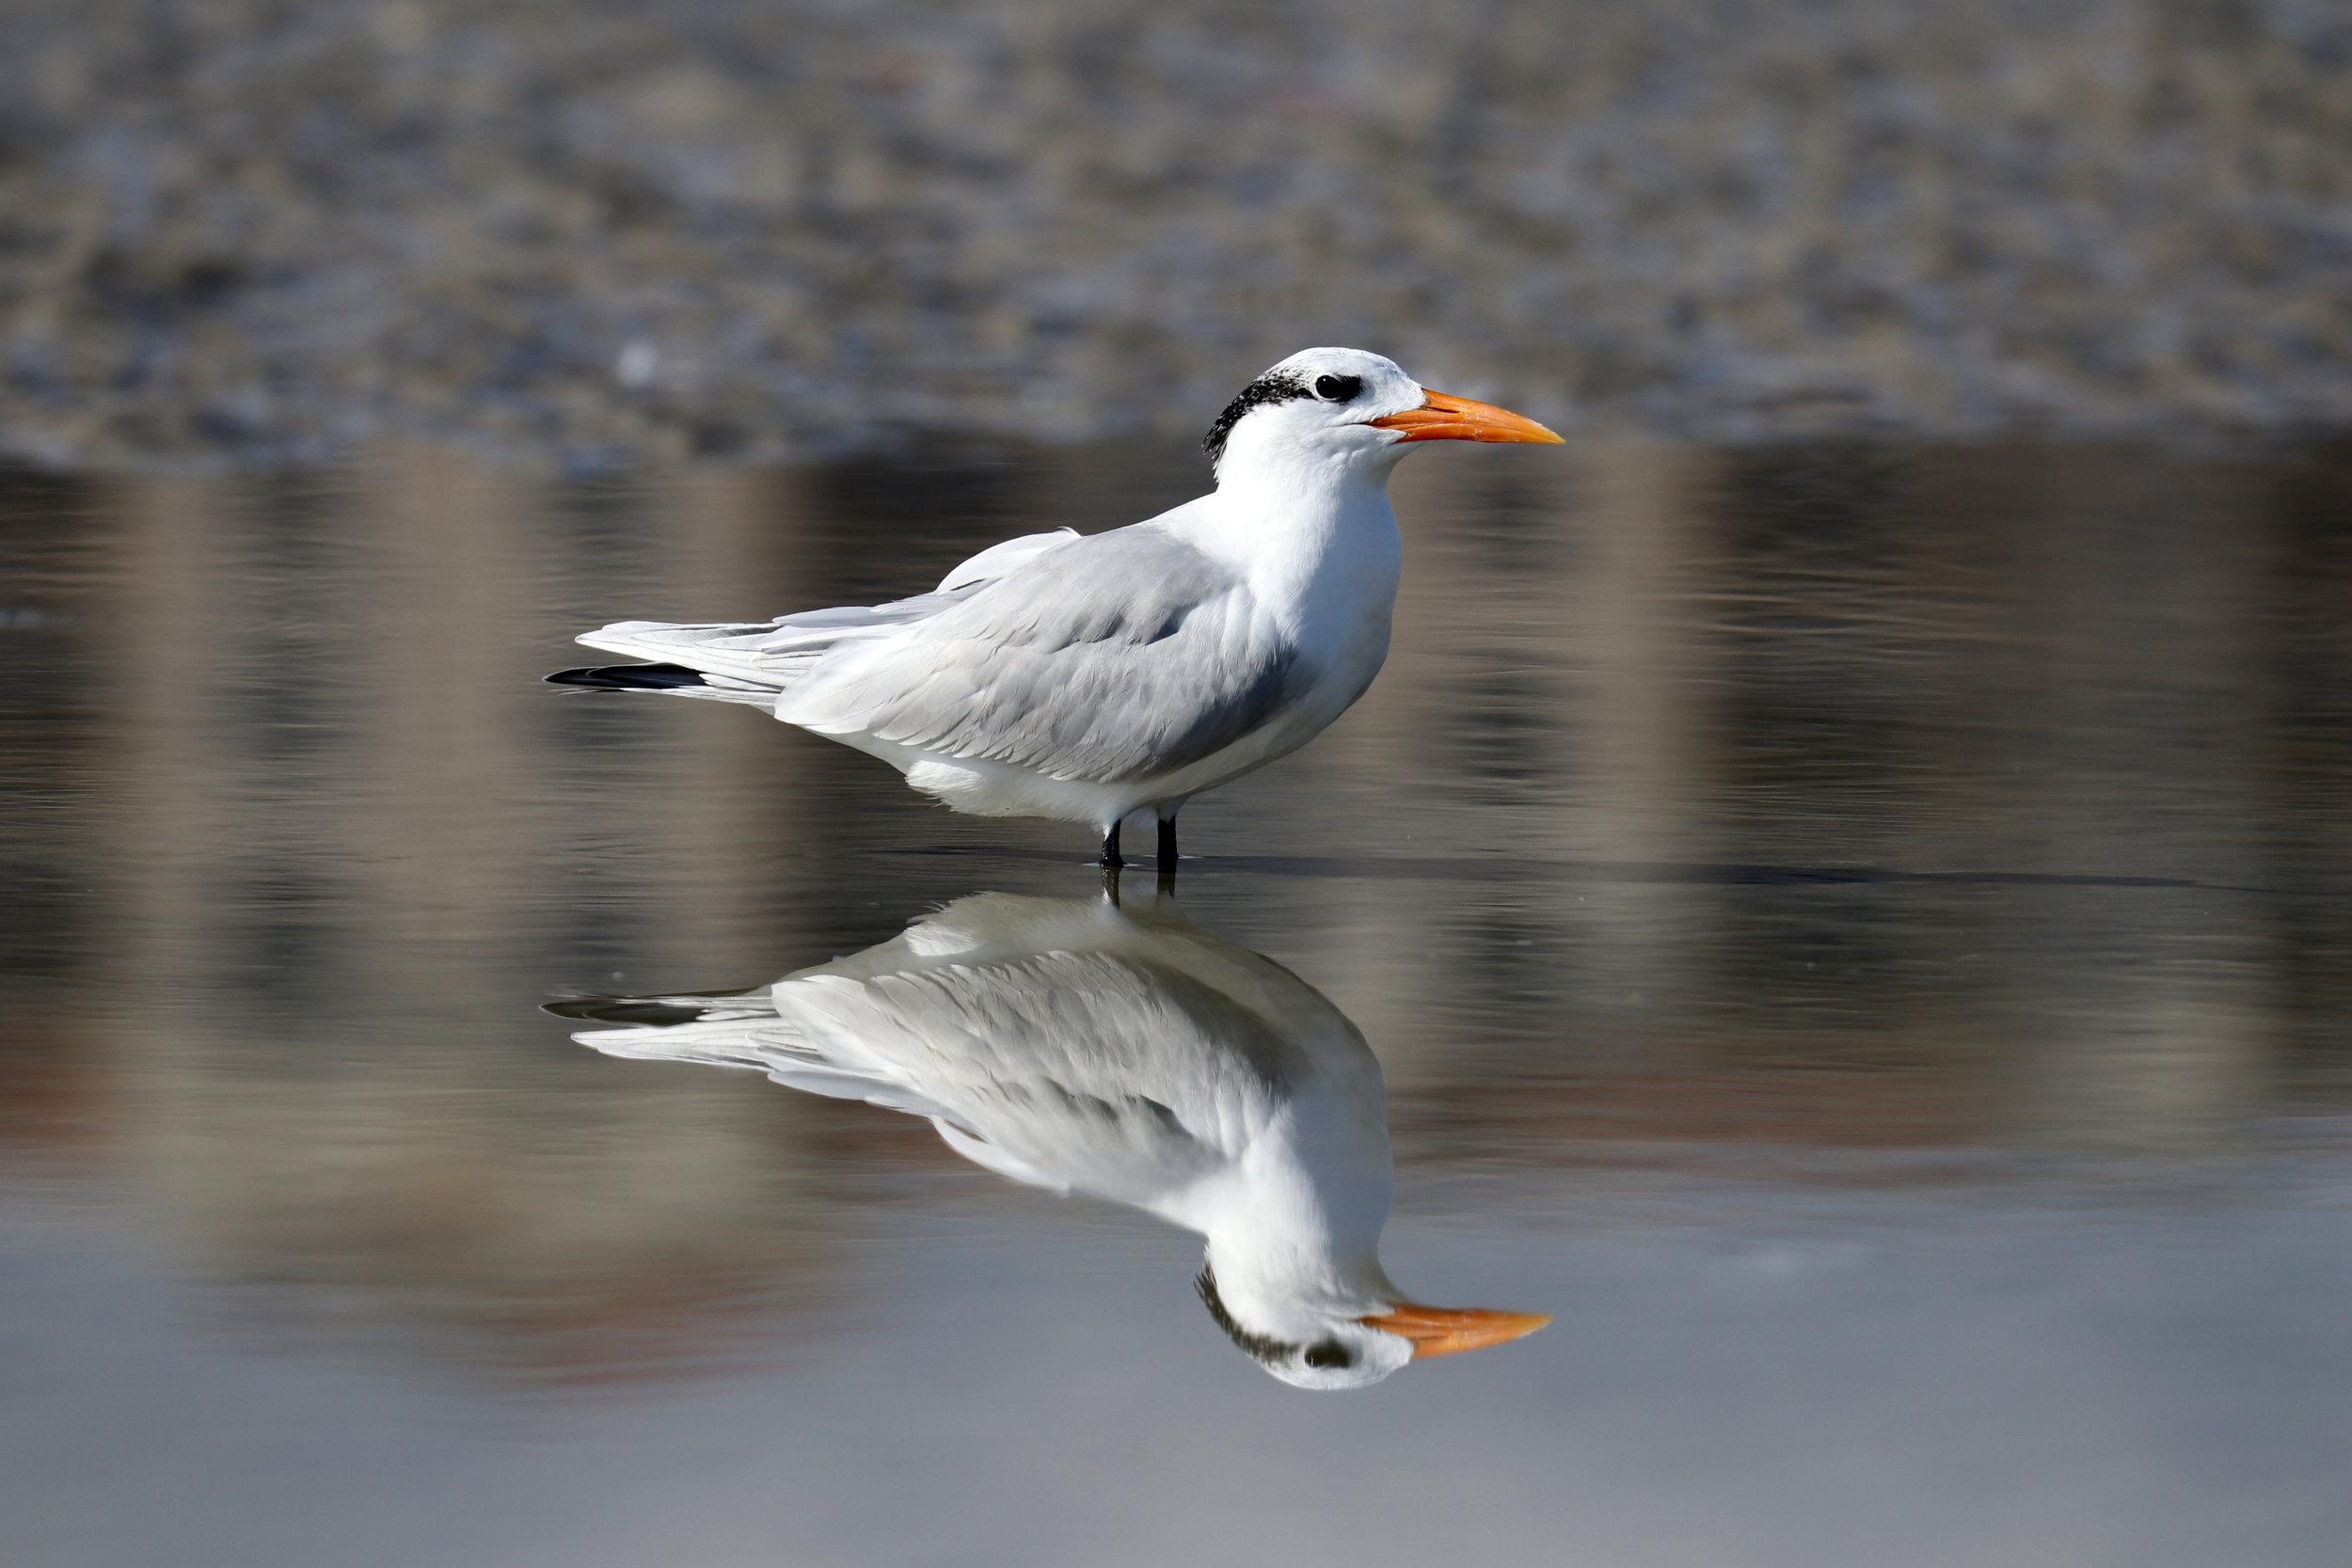 Despacito the Royal Tern